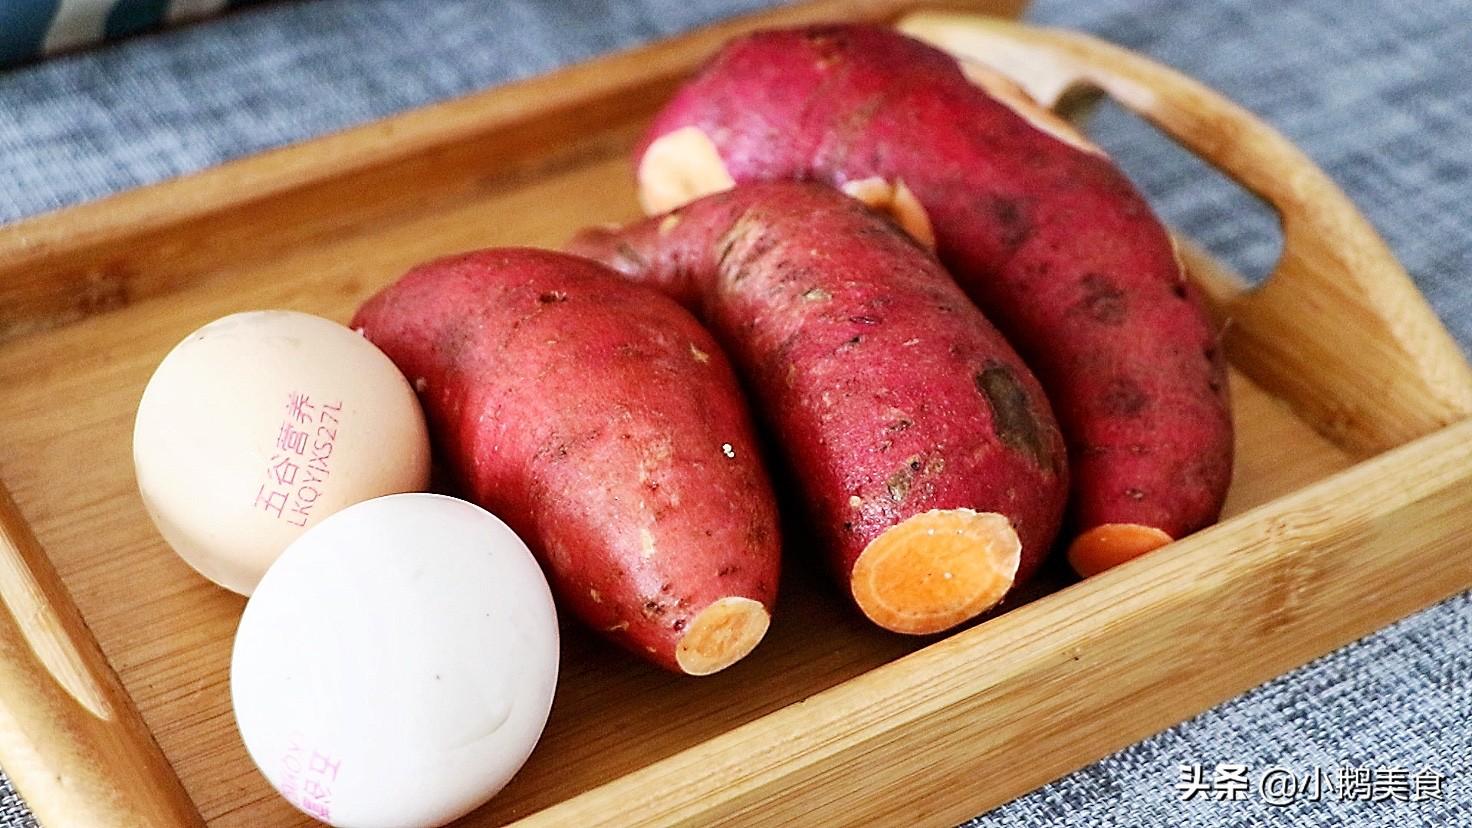 红薯别煮粥了,简单几步做小零食,香甜酥脆,孩子说比薯条还好吃 美食做法 第1张